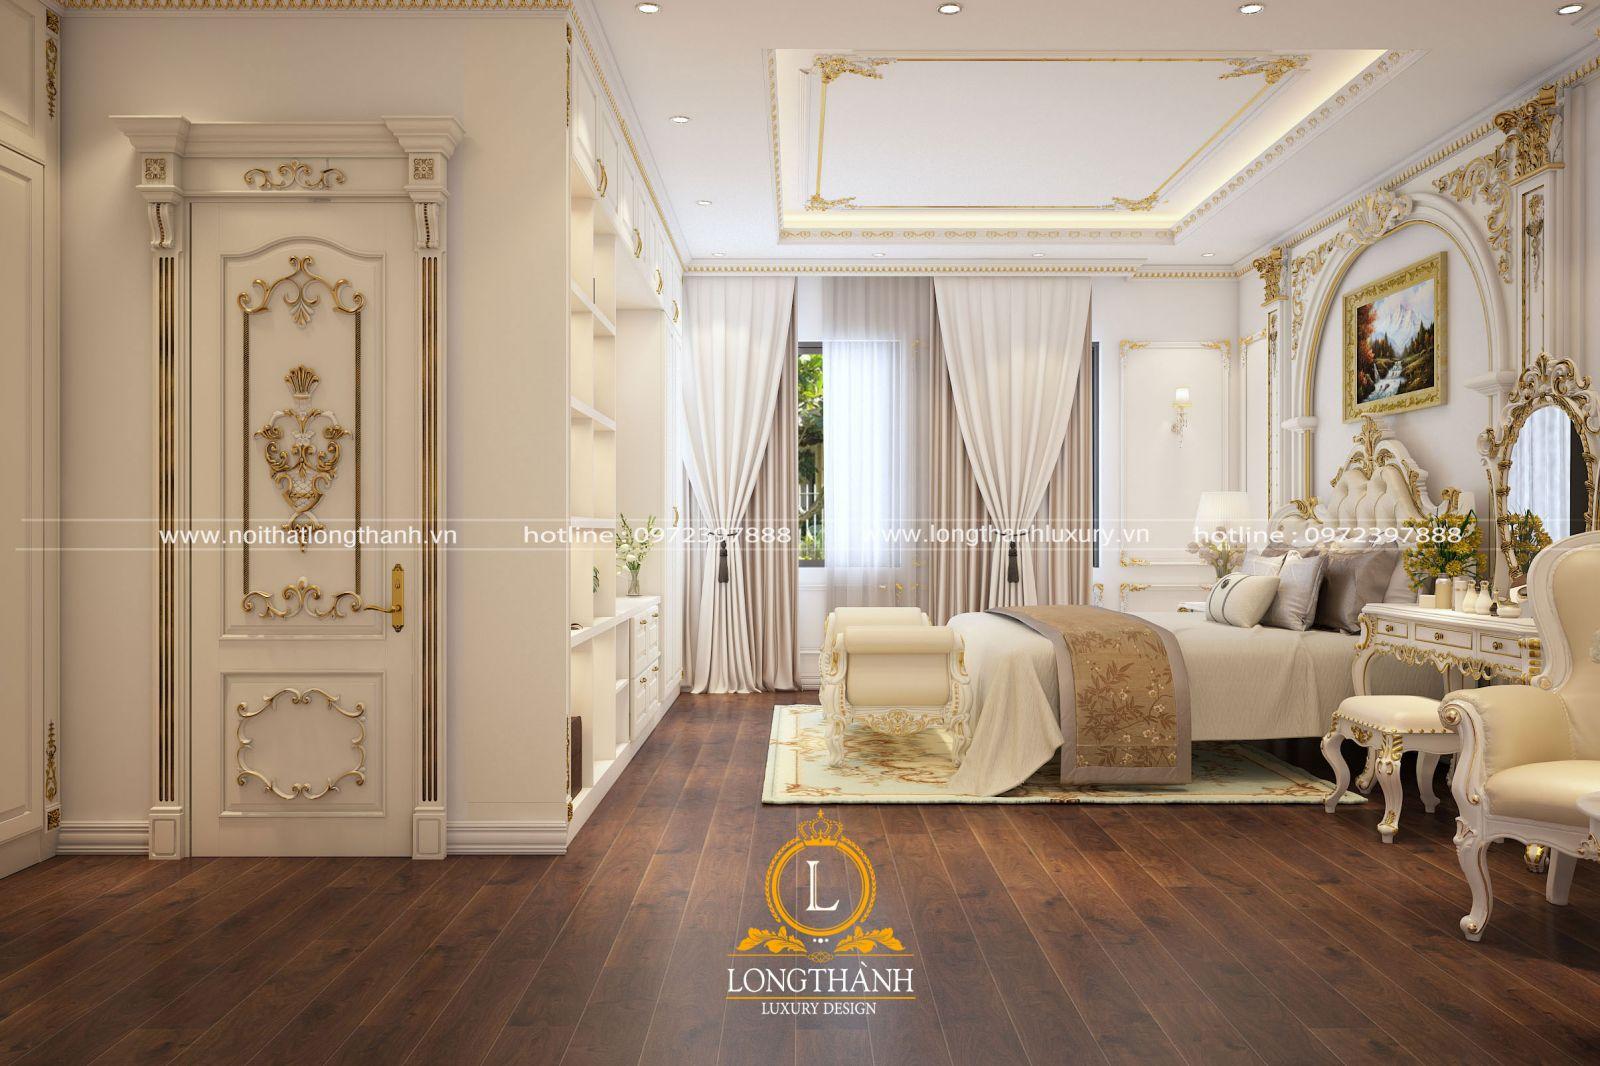 Phòng ngủ cao cấp và lộng lẫy